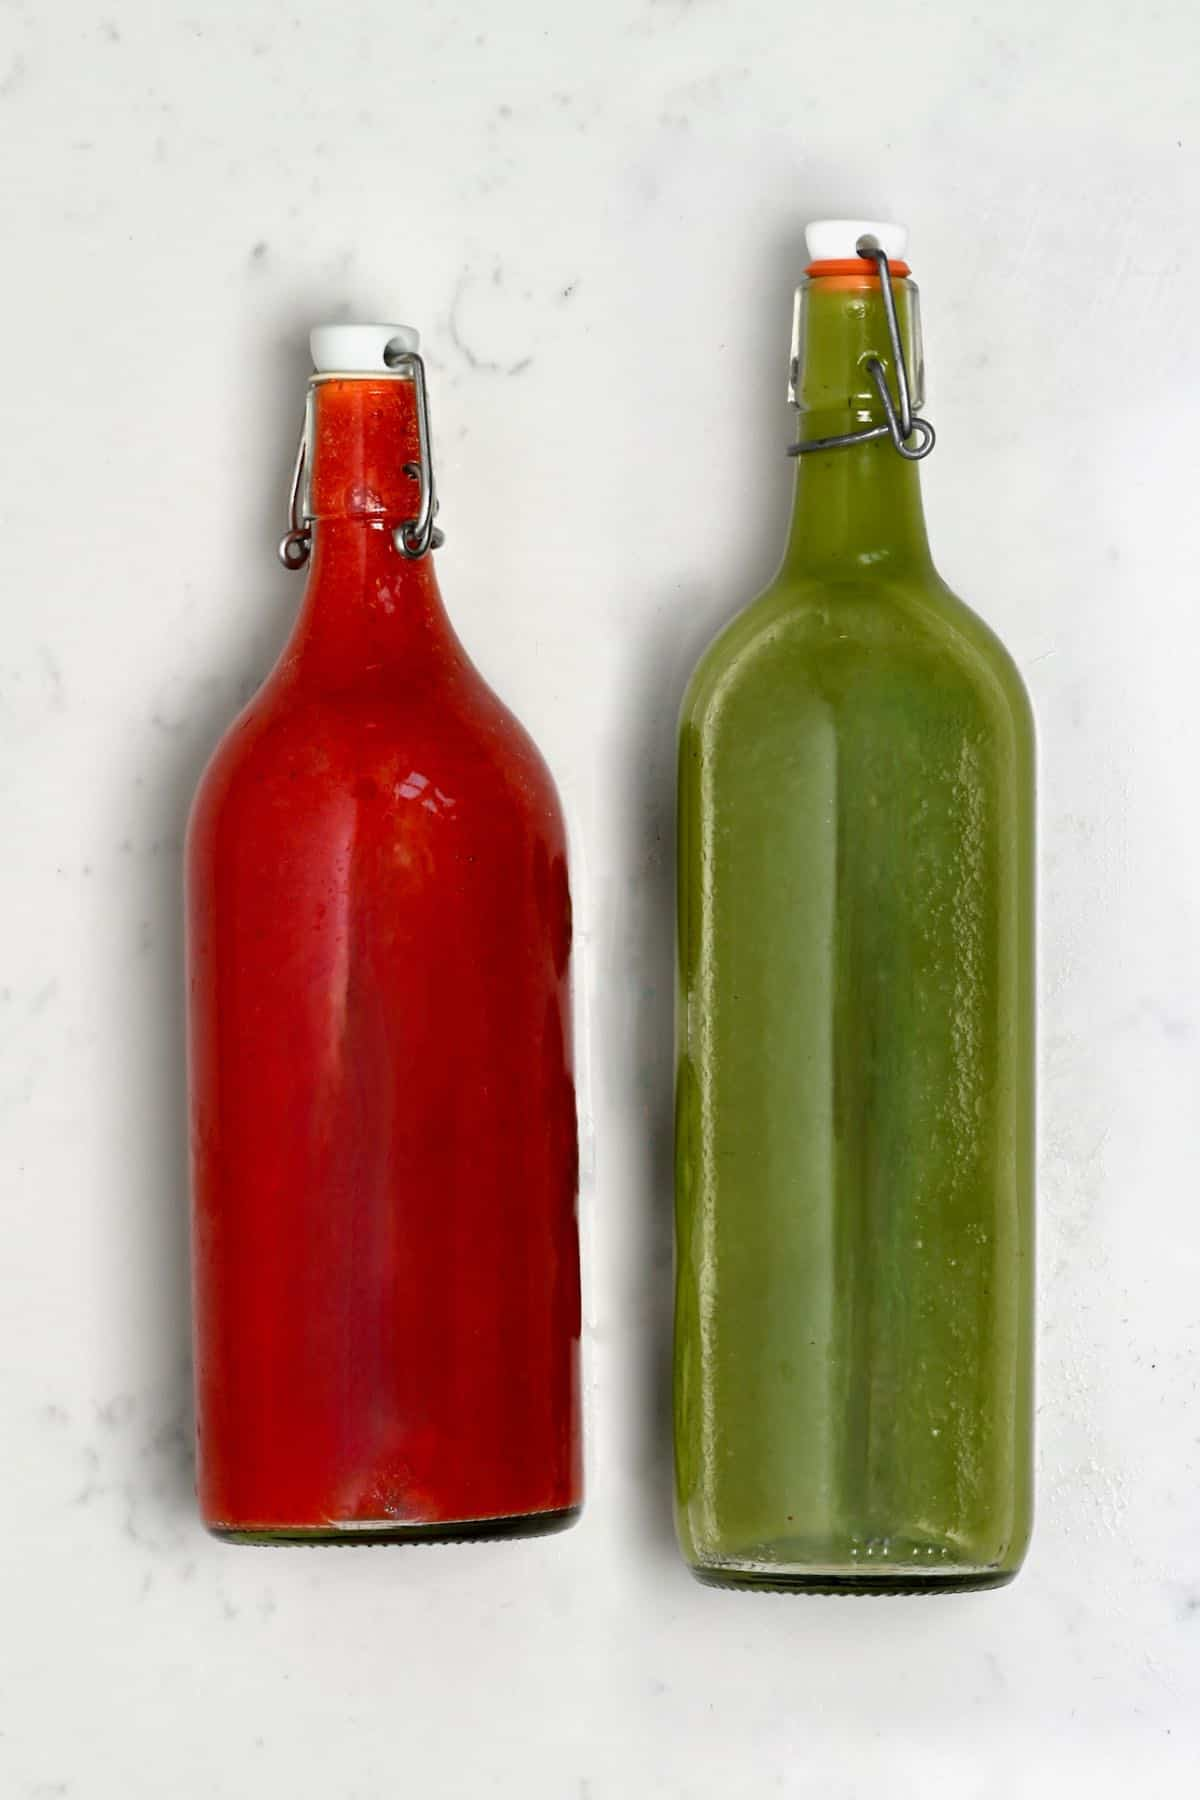 Strawberry and kiwi juice